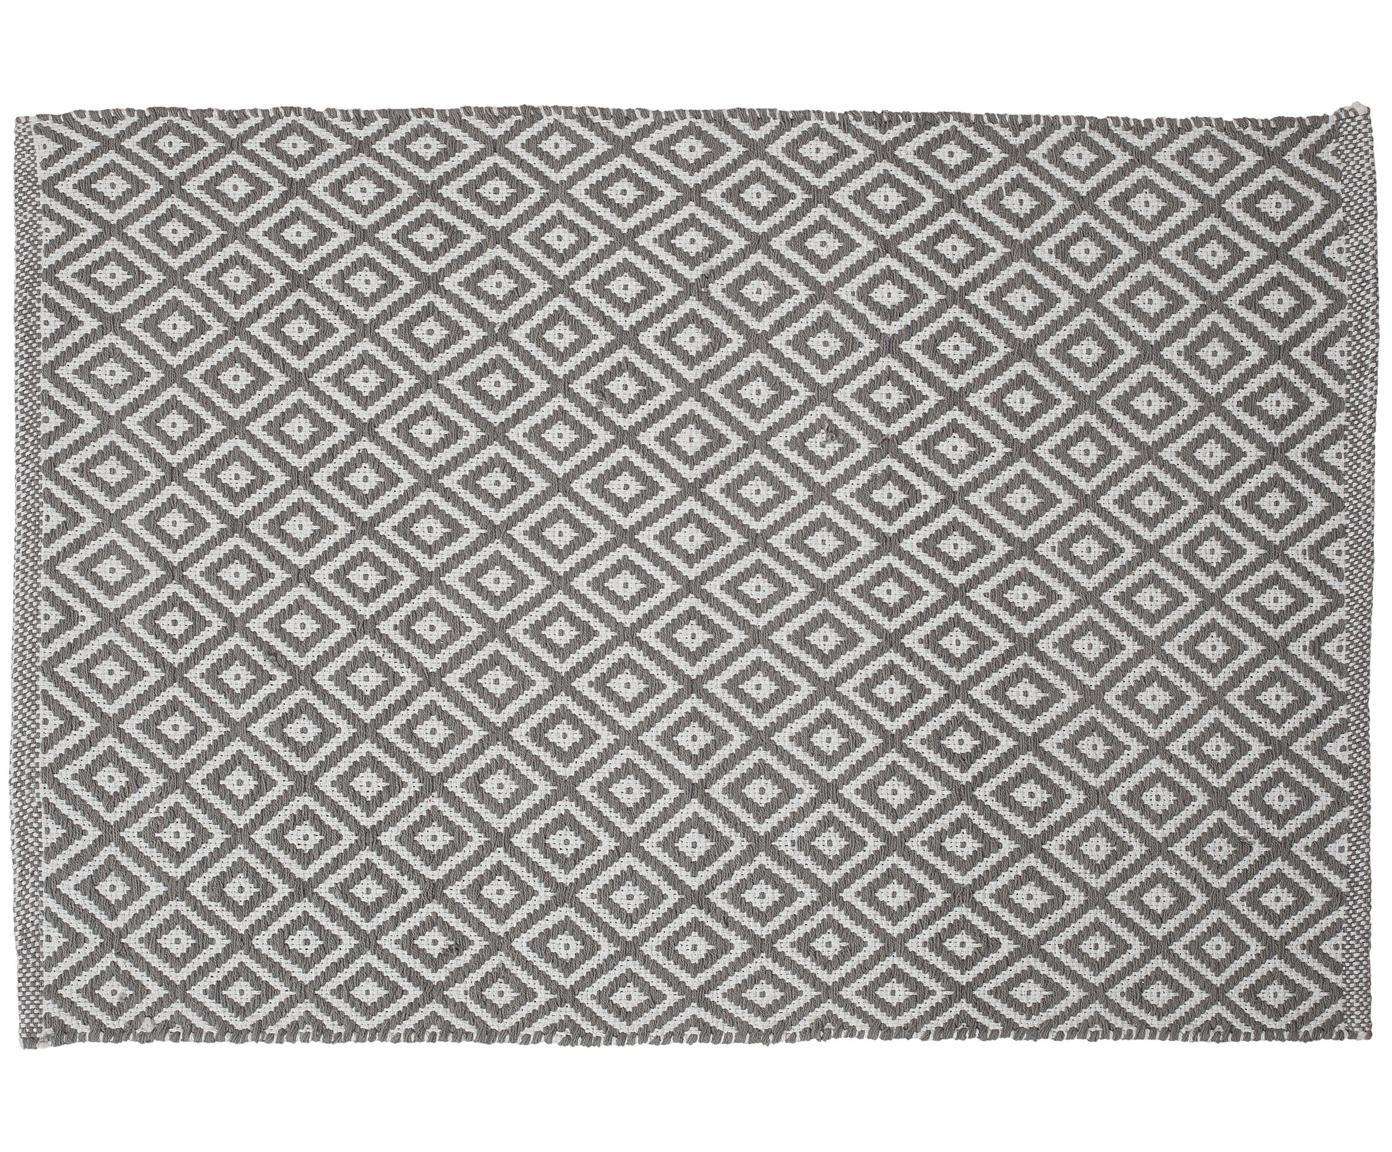 Tappeto bagno boho grigio/bianco Erin, Cotone, Grigio, bianco, Larg. 60 x Lung. 90 cm